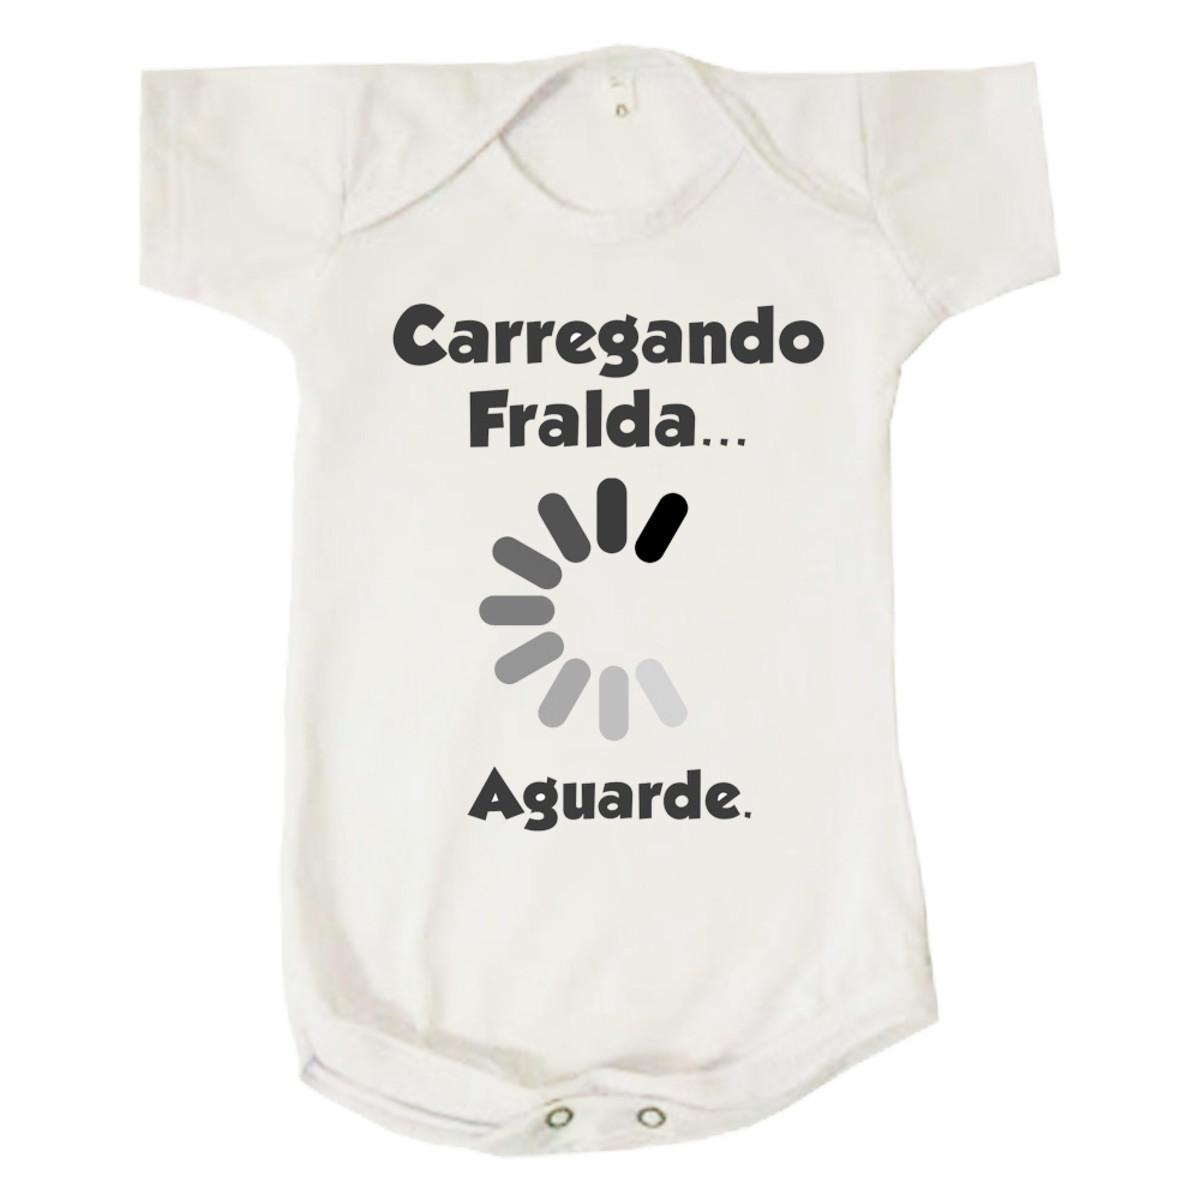 8f575c3310 Body Bebê Engraçado Carregando Fralda